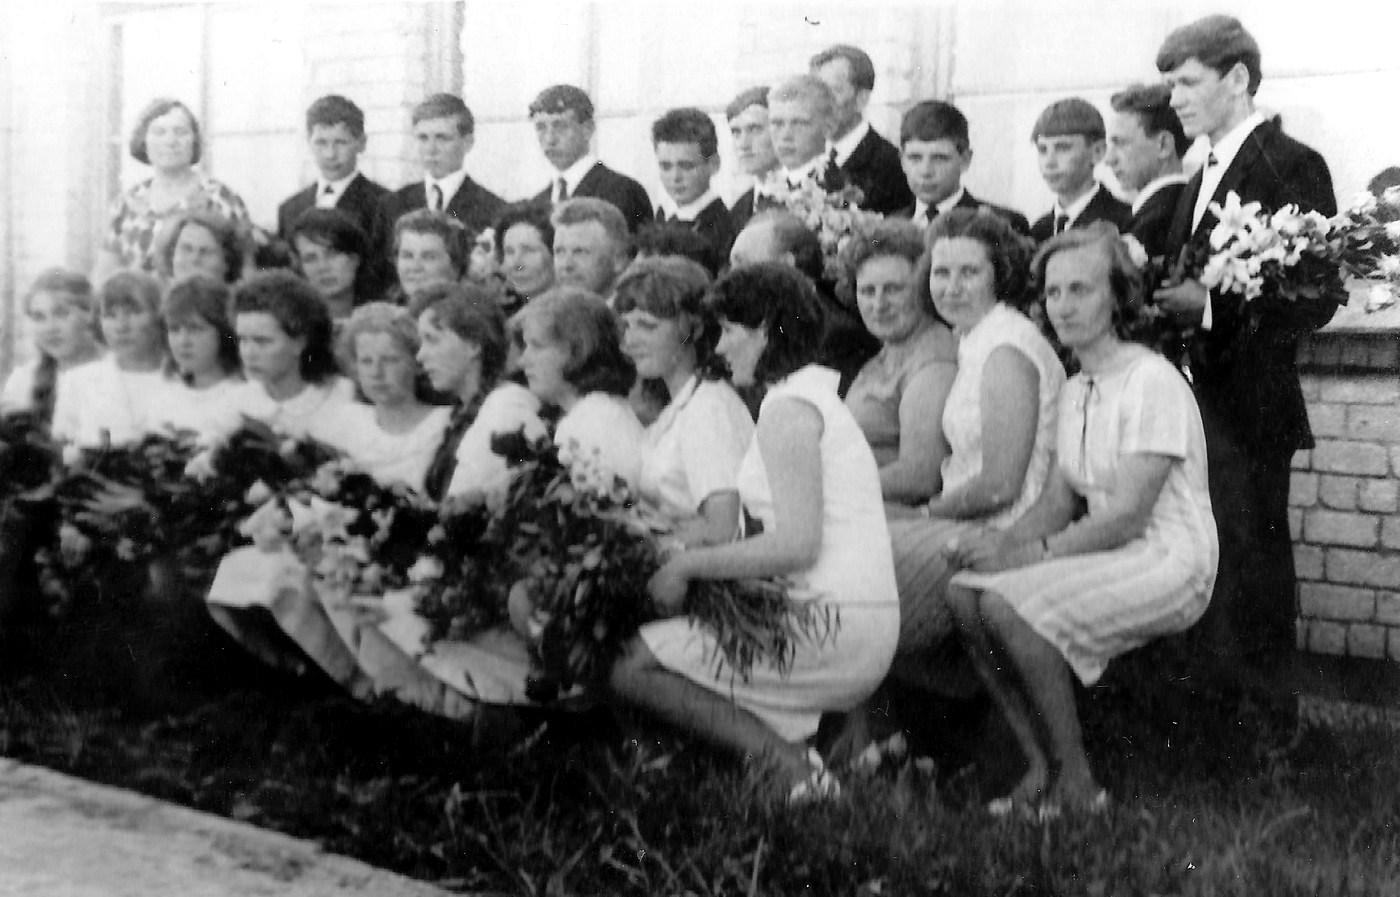 Valles 8-gadīgās skolas izlaidums ar skolotājiem 1960-tie gadi